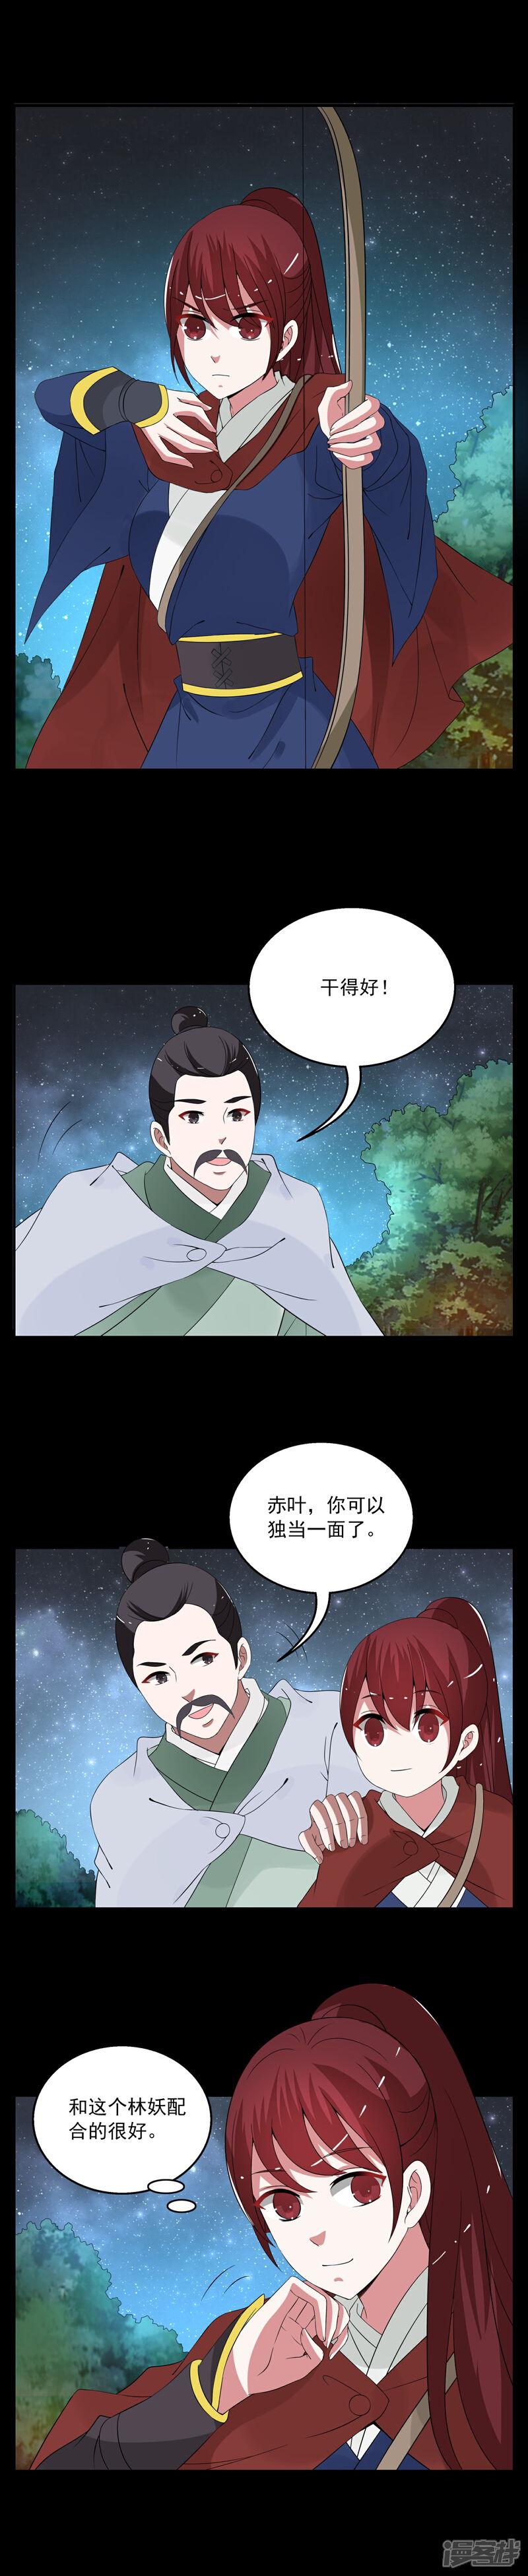 洛小妖176 (4).JPG